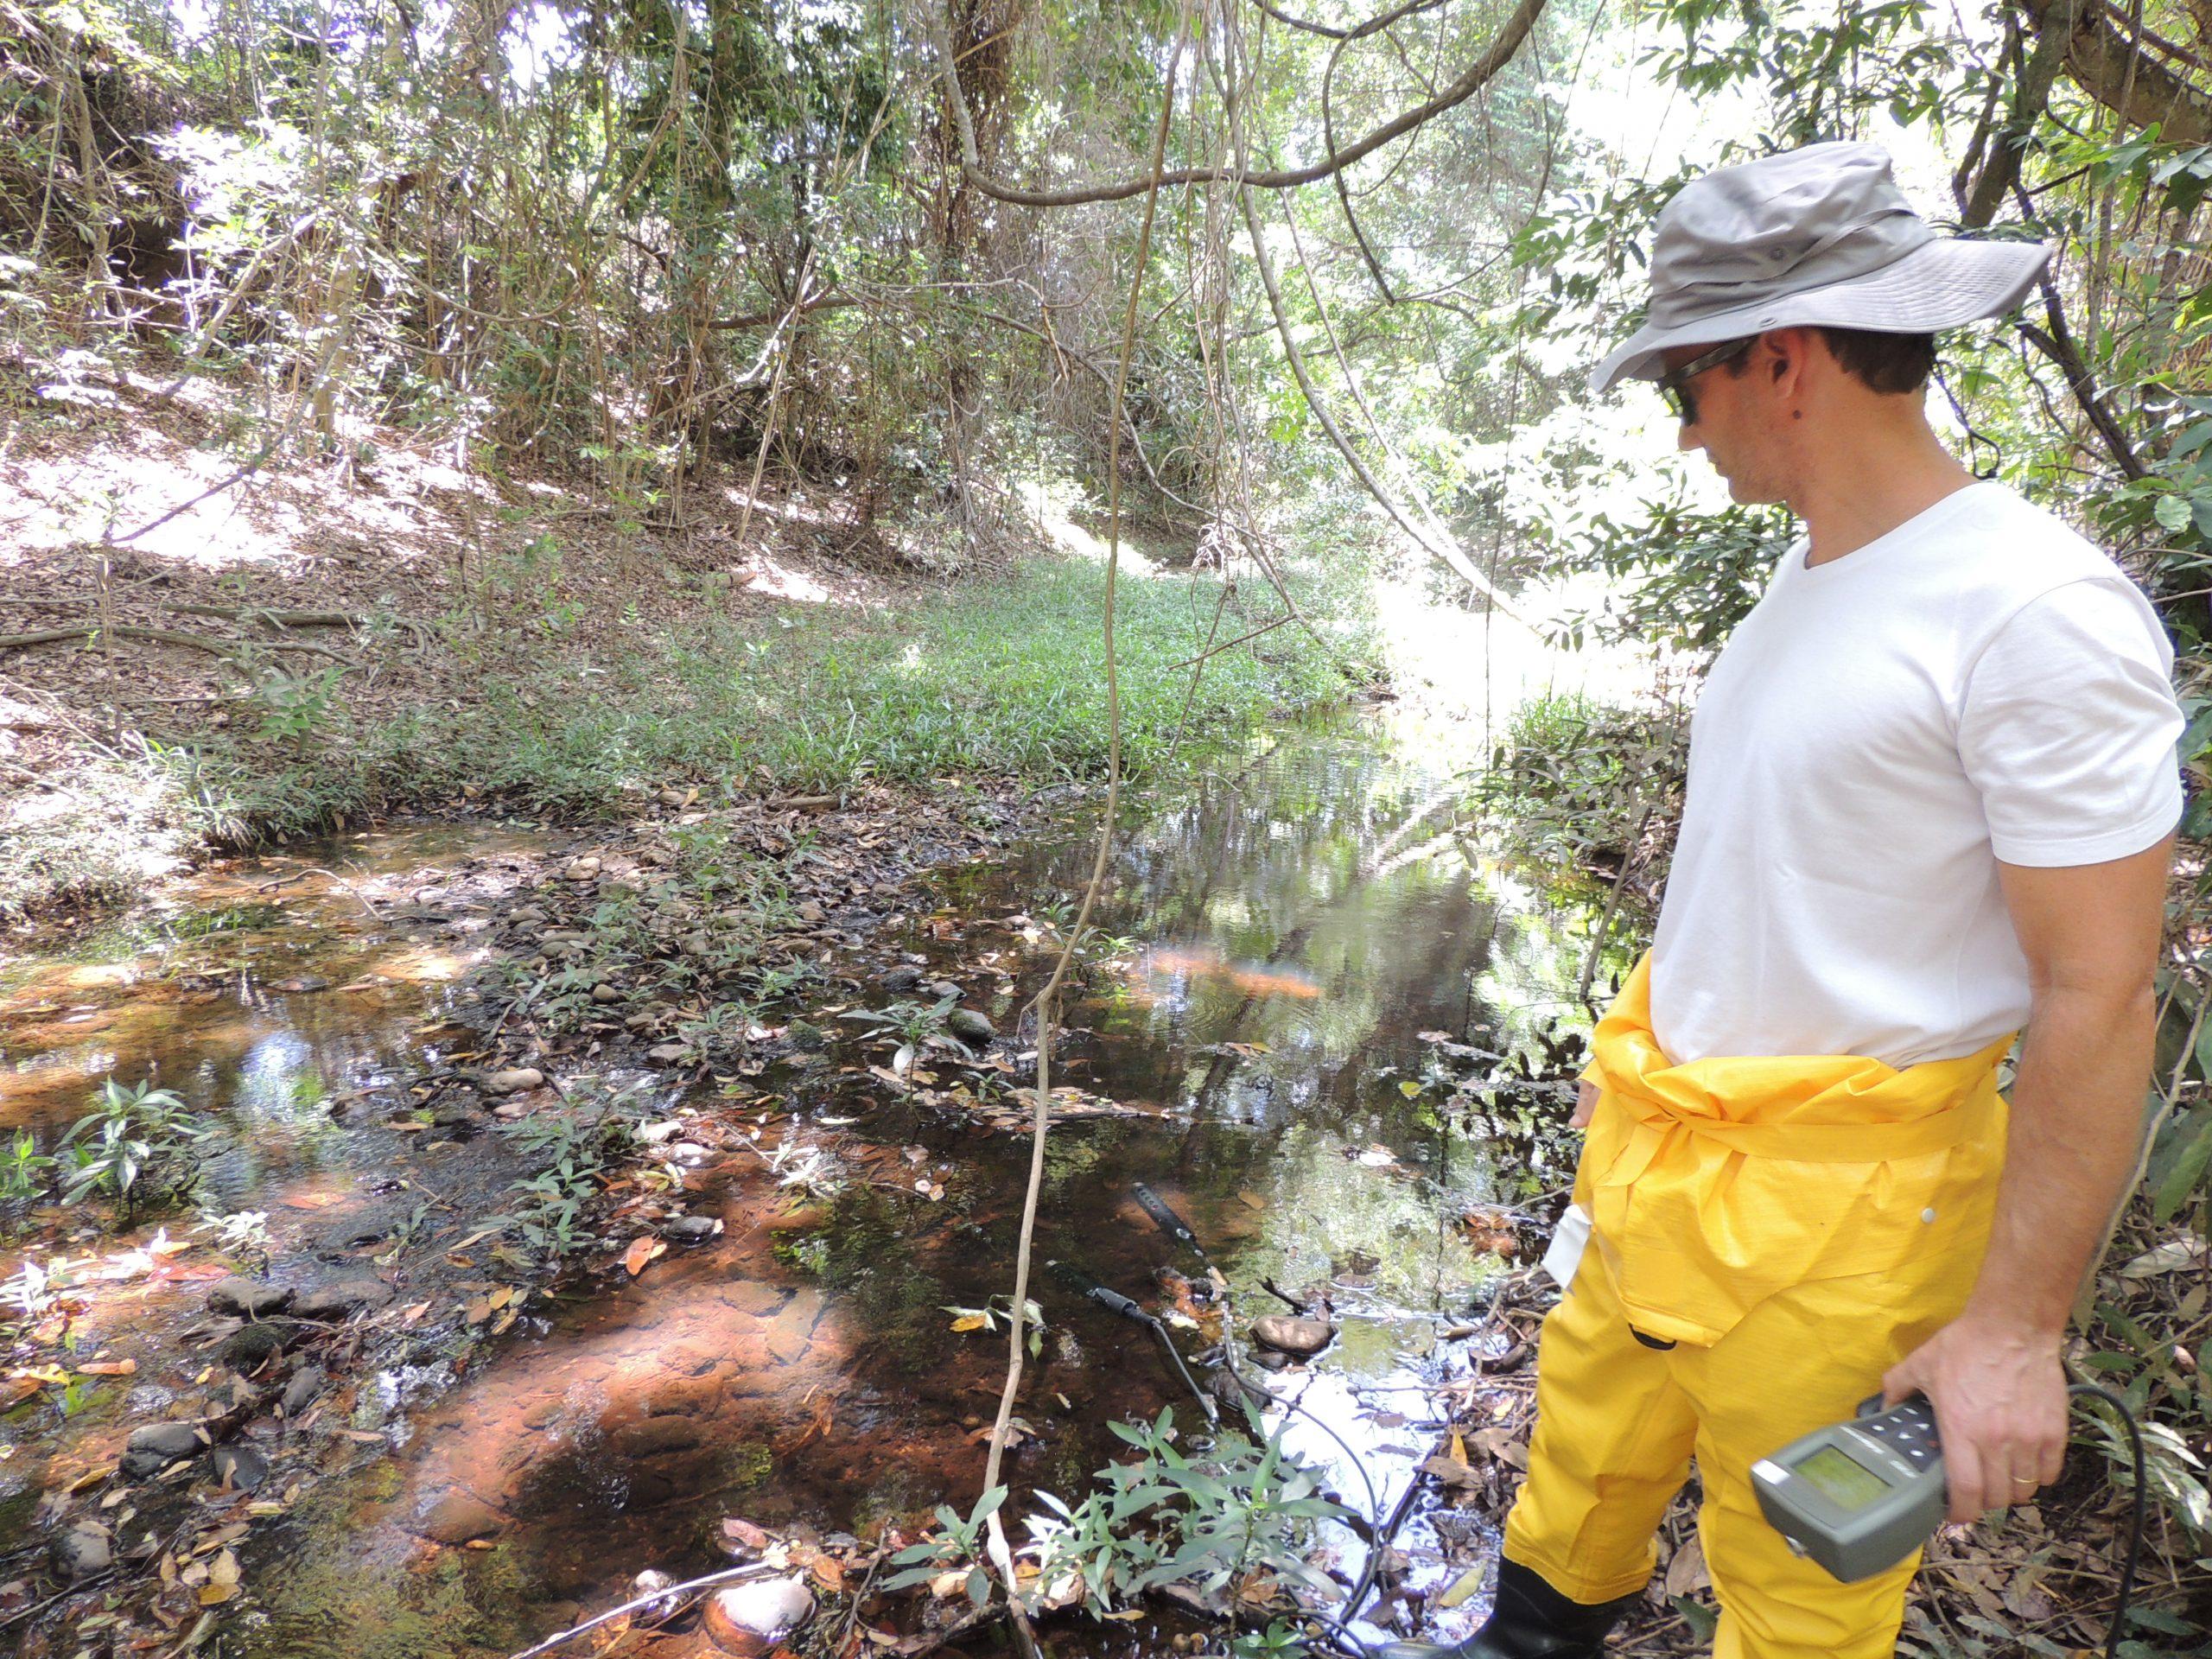 Imagem Biólogo do Instituto Prístino participa da Comissão Técnica de Meio Ambiente do CRBio-04.